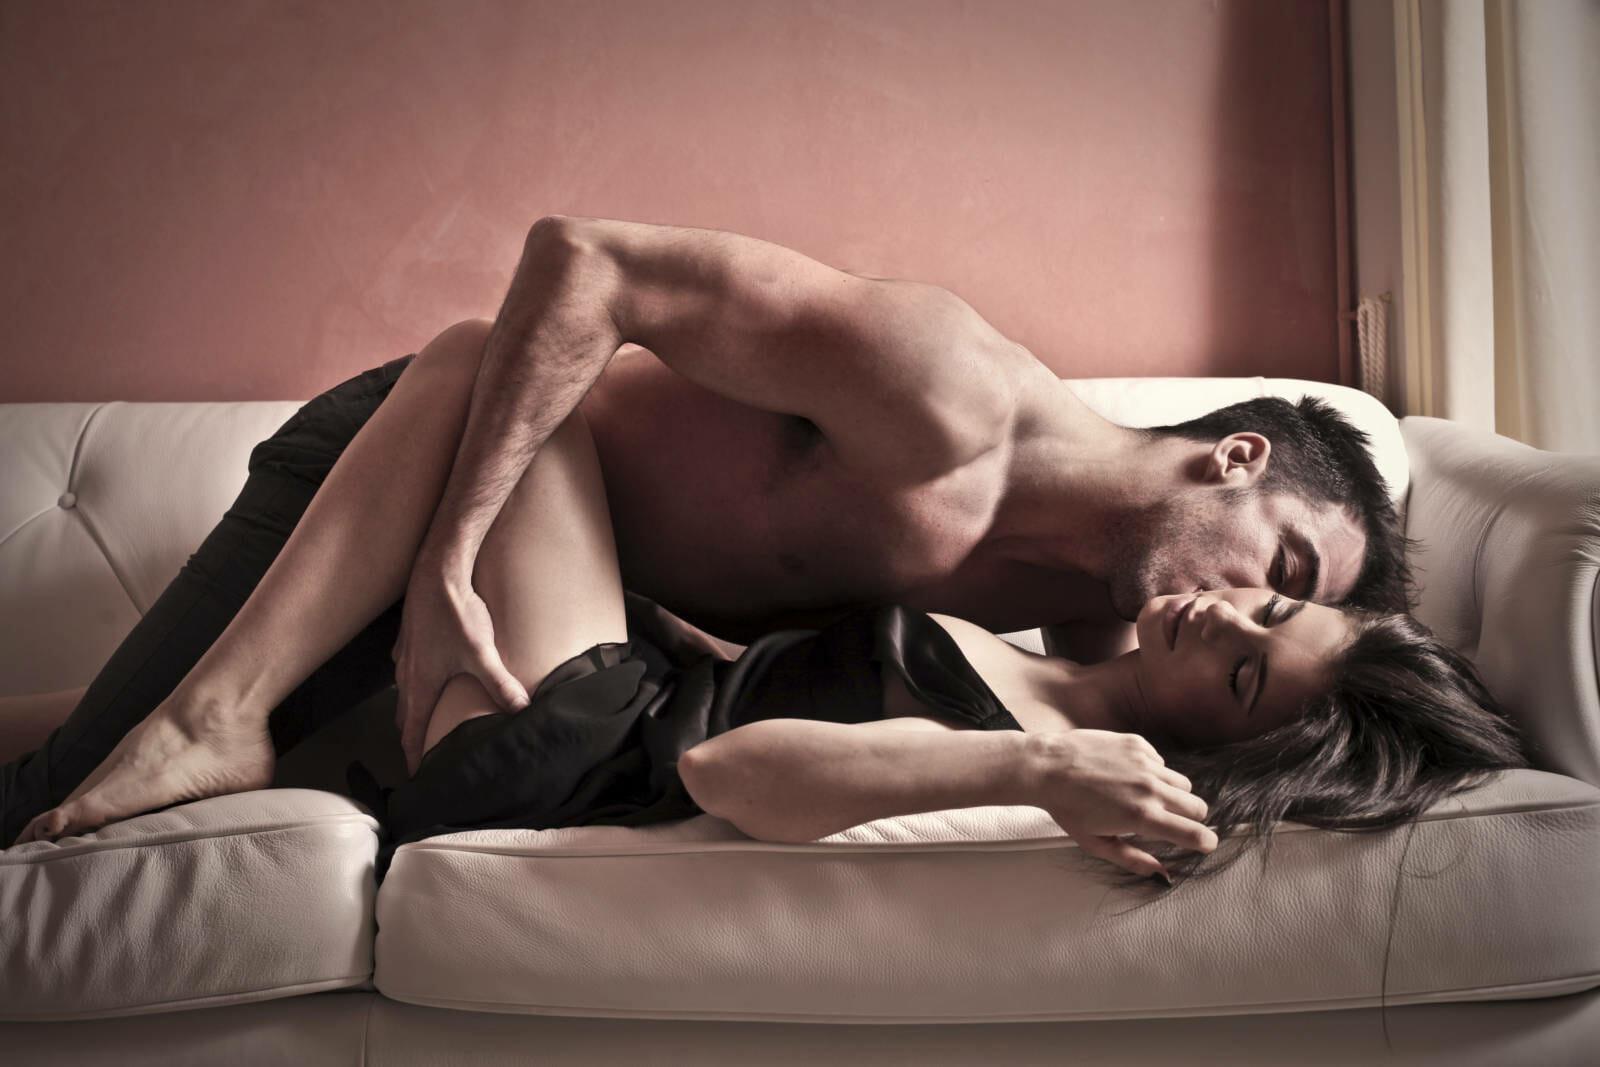 сексуальные фото женщины и мужчины работающую агентом трахнули